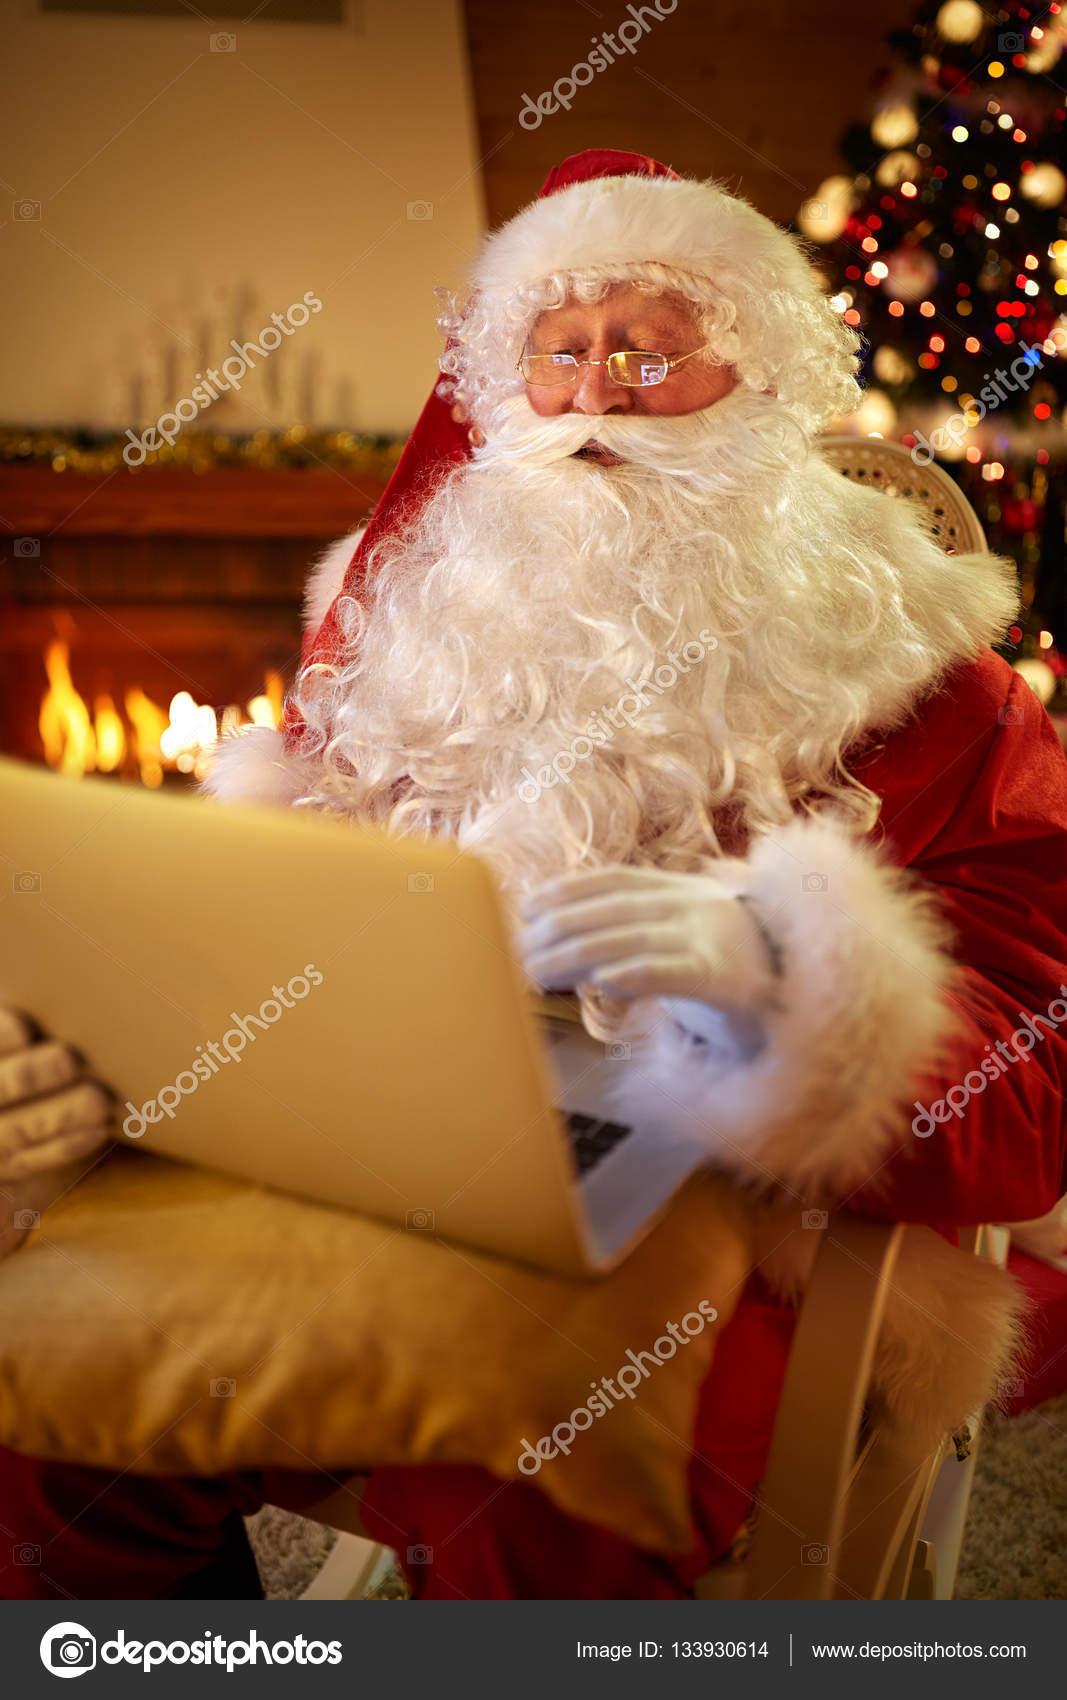 Natale Reale.Babbo Natale Reale Usando Il Portatile Per Comunicare Con I